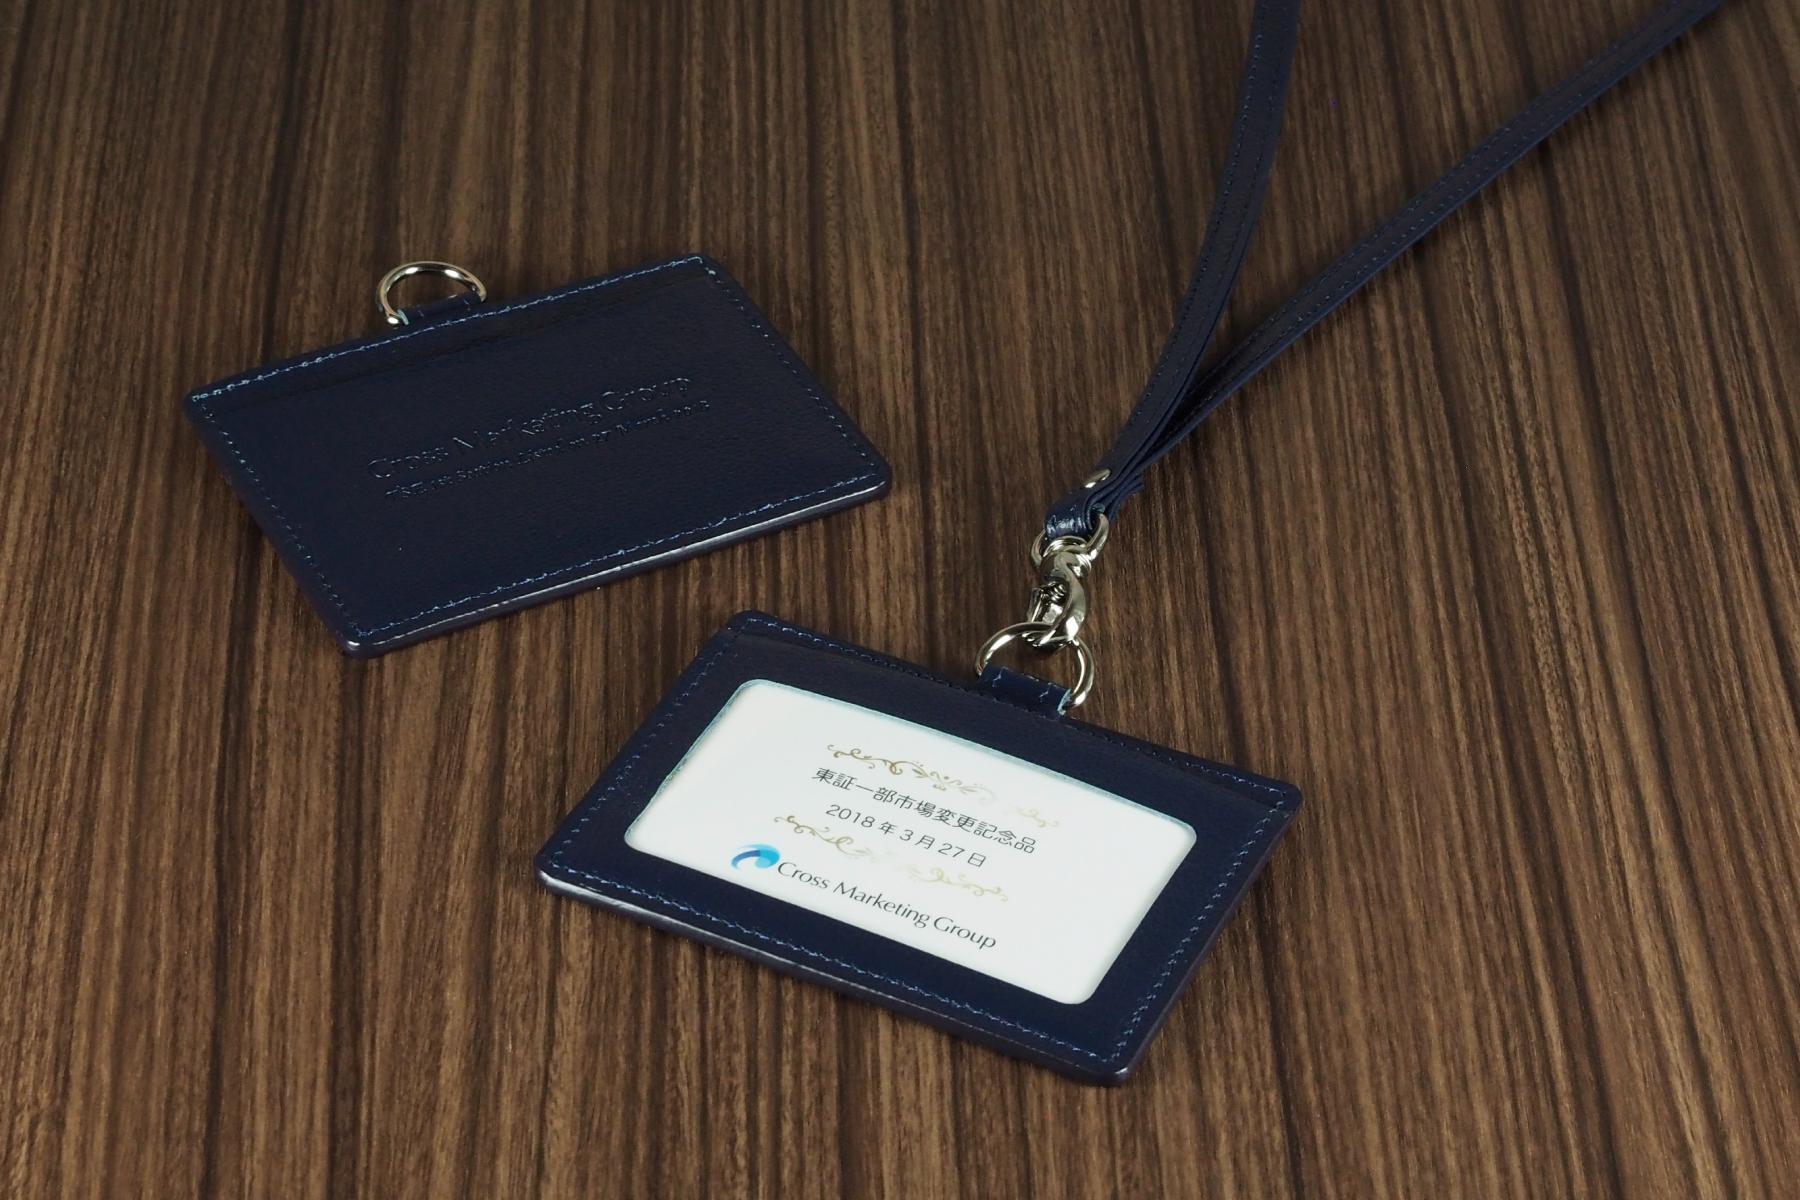 上場記念品として本革製IDケース・スタンダードを使用した例